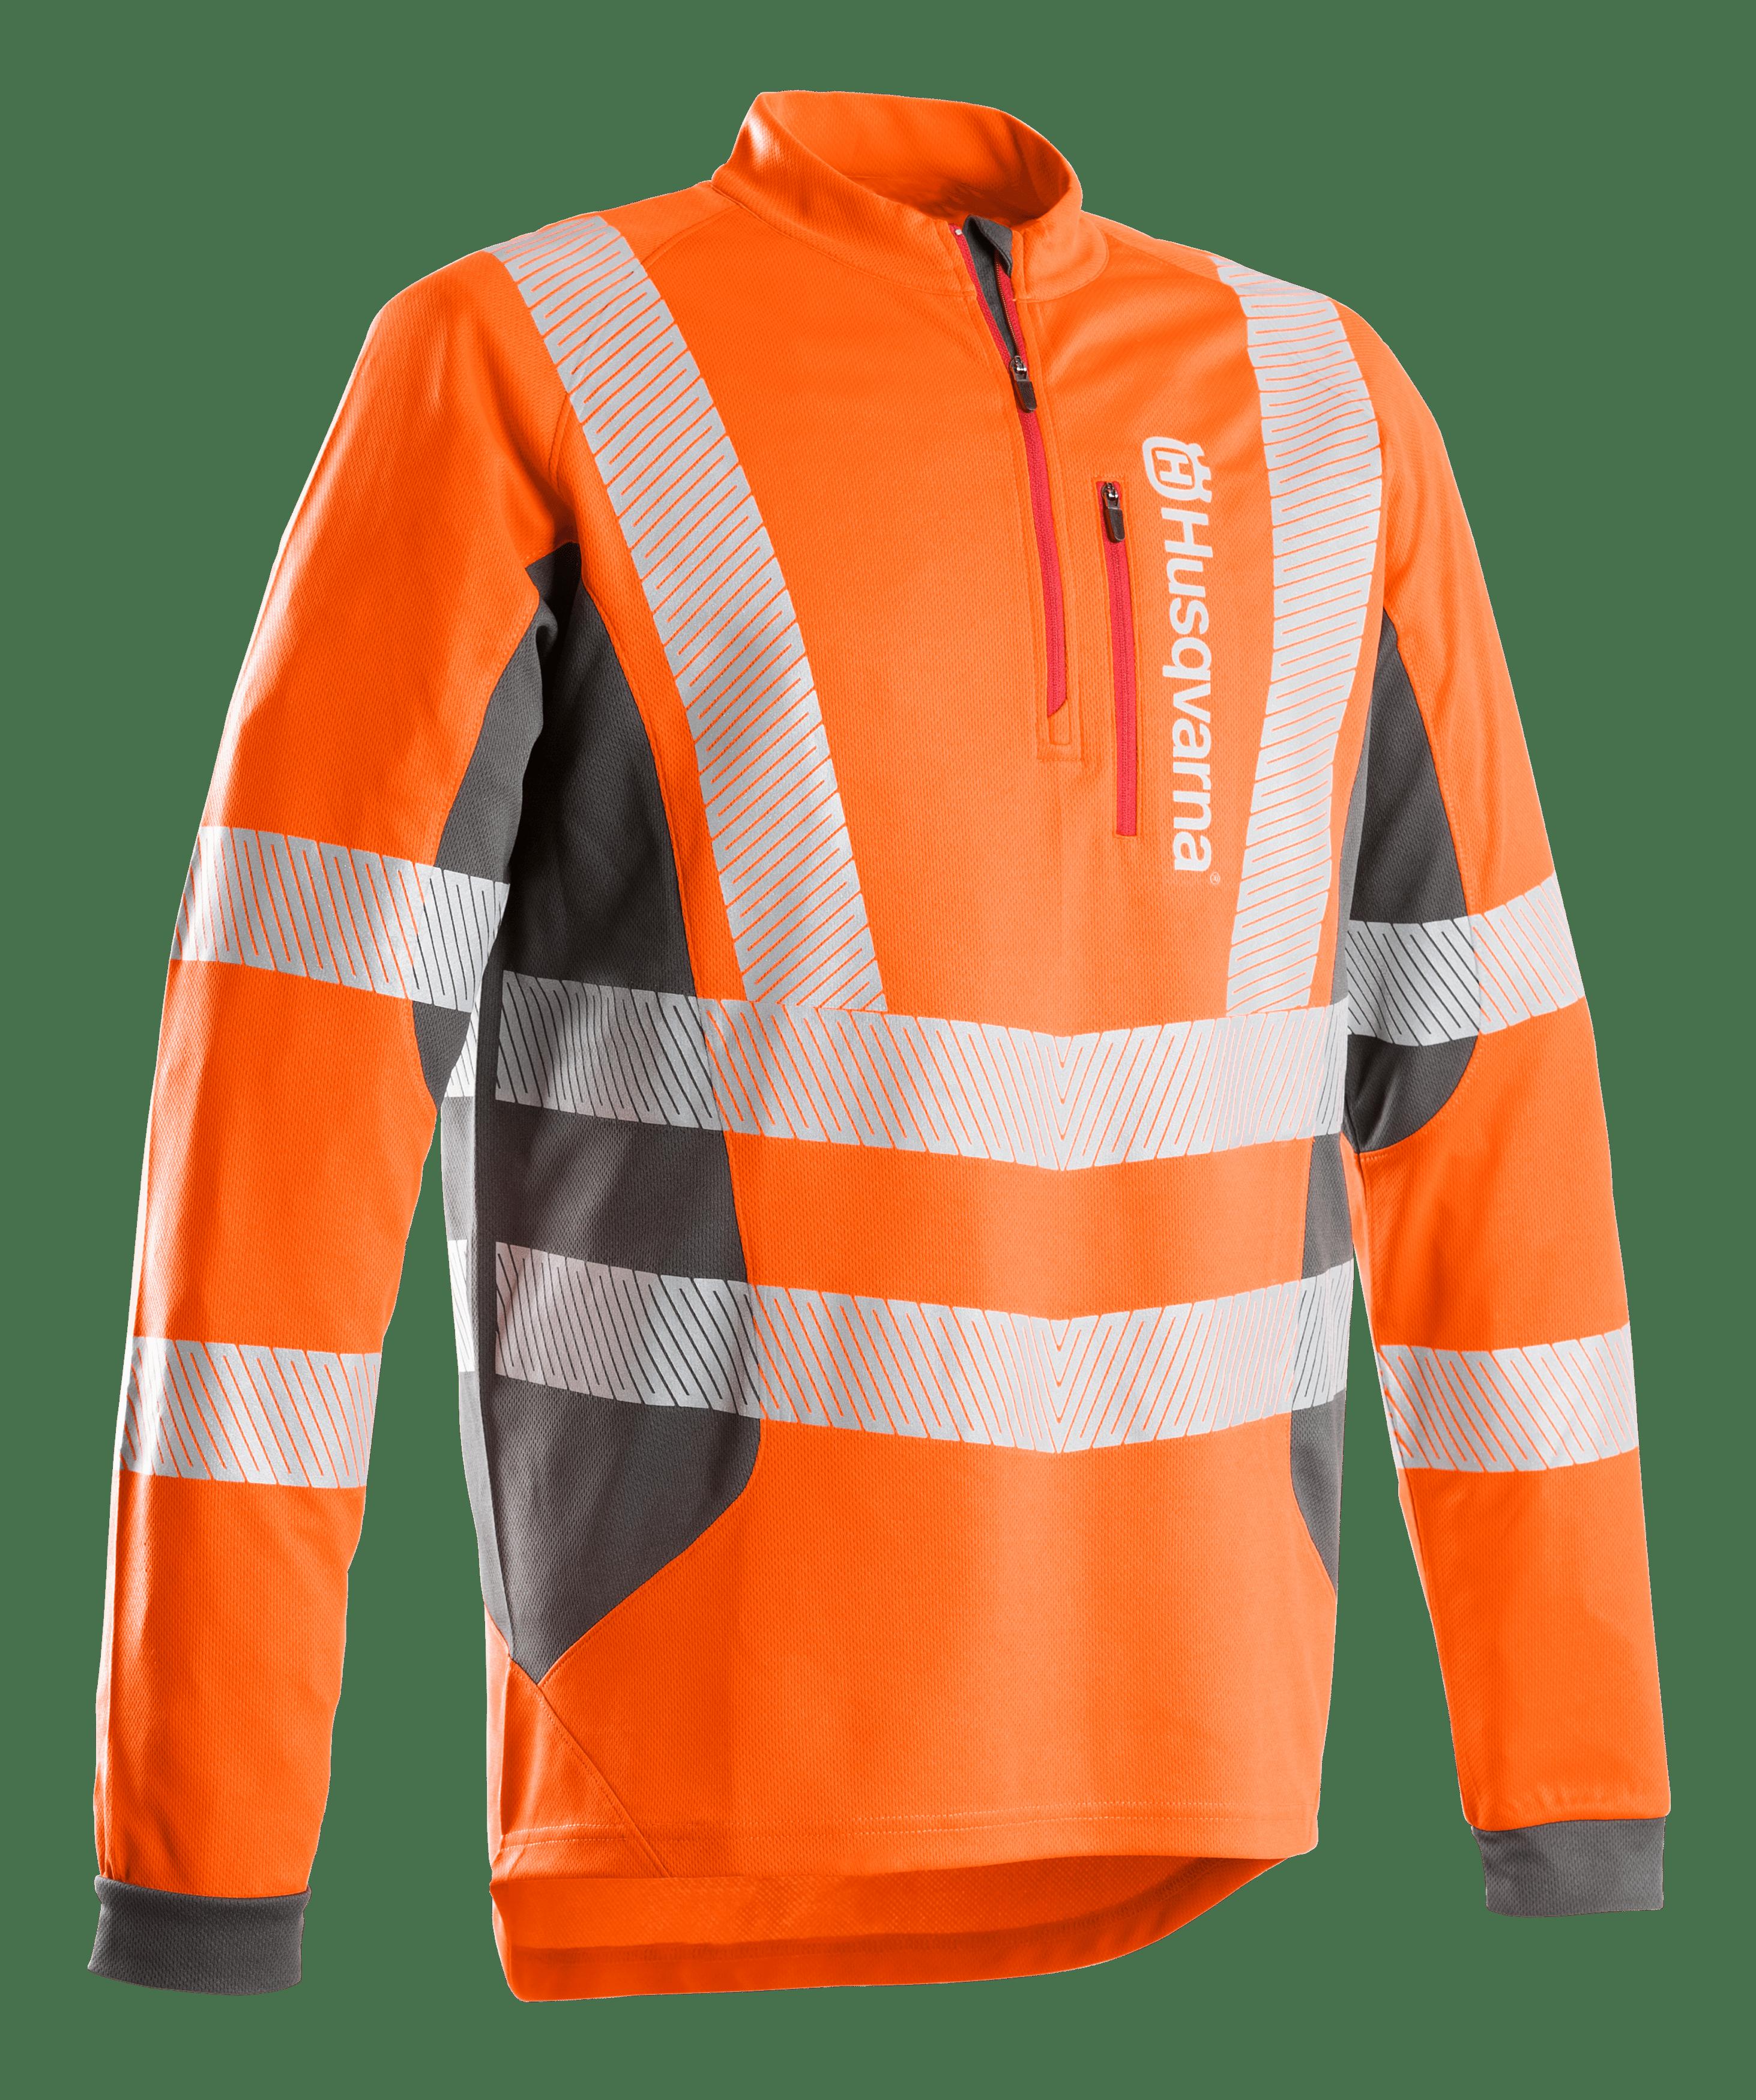 HUSQVARNA T-SHIRT Technical High Viz  Long sleeve EN20471 - V-Pro Power Equipment